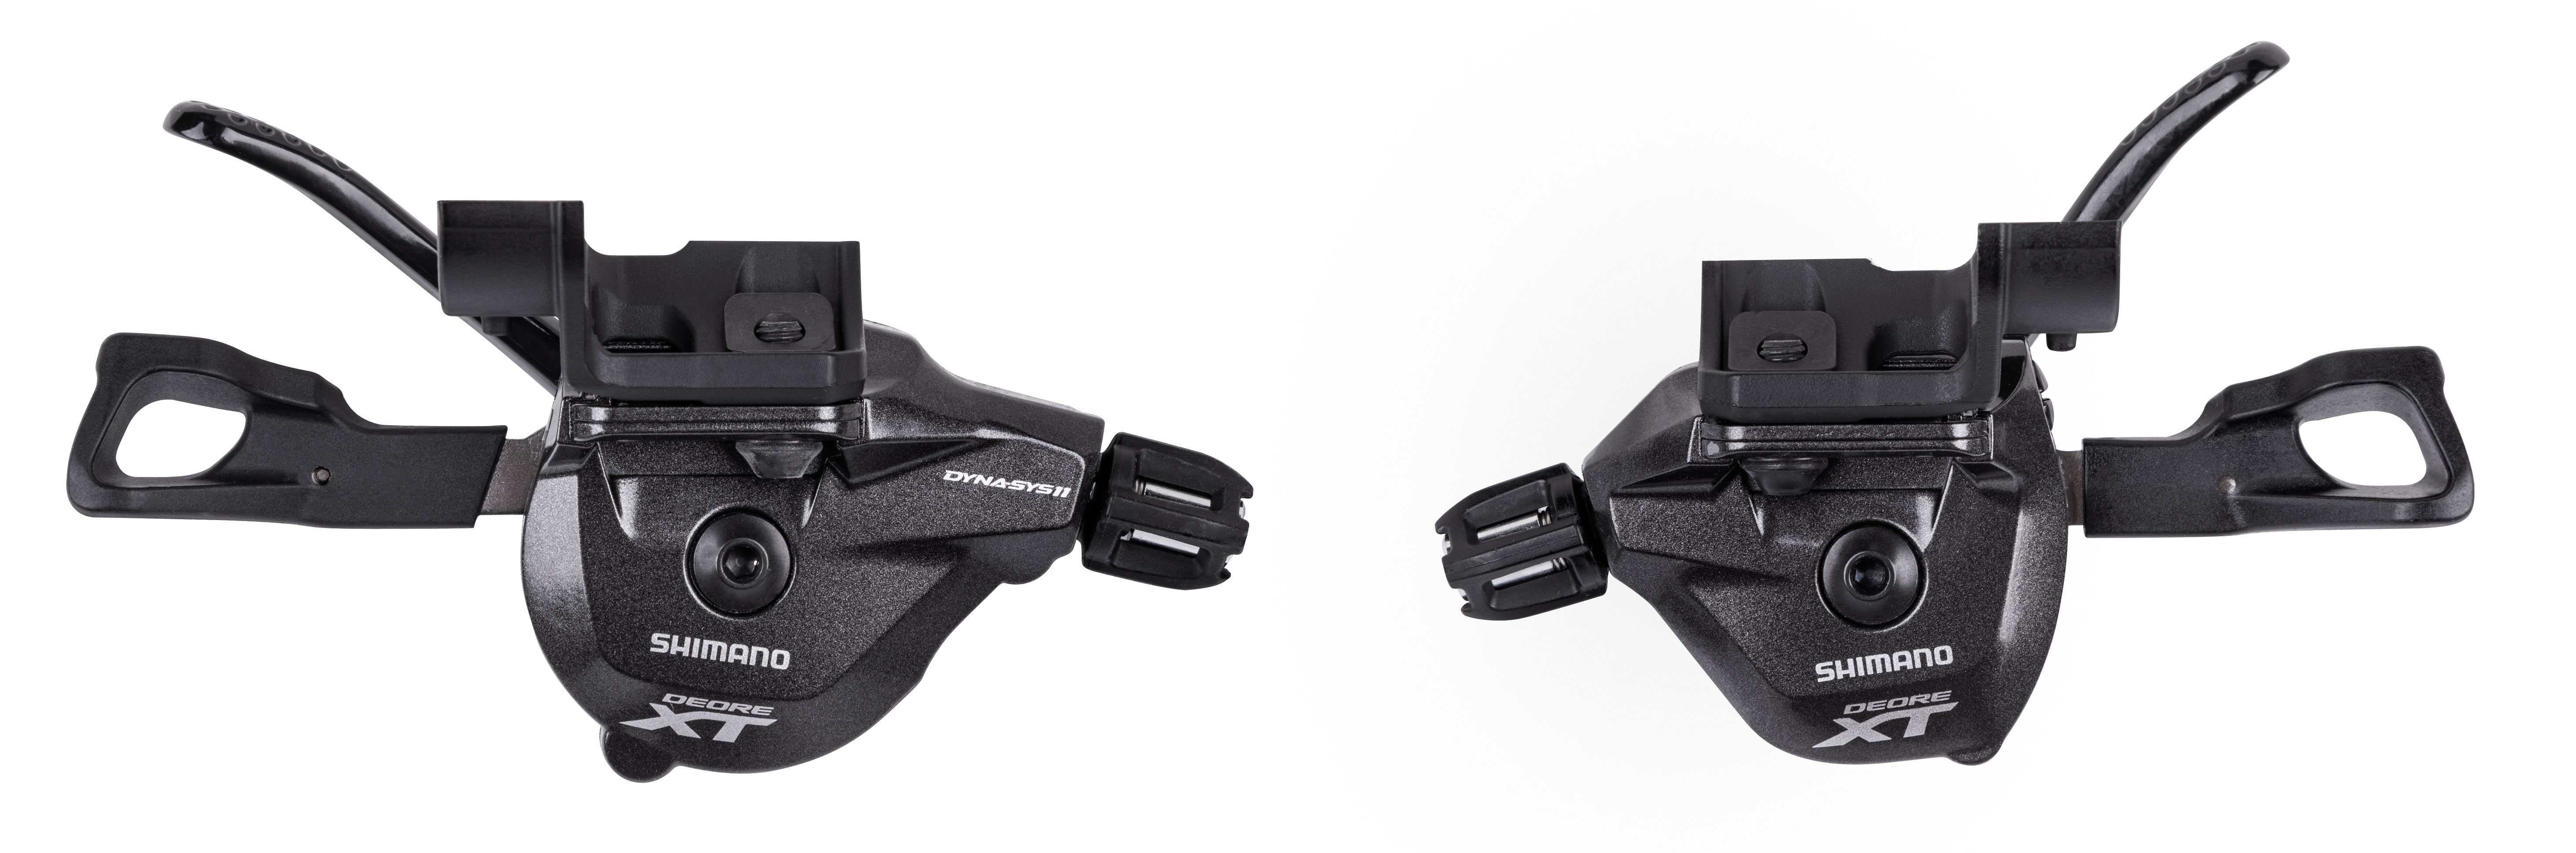 řadící páčky XT SLM8000 L+R 11 x 2/3k, bez objímky